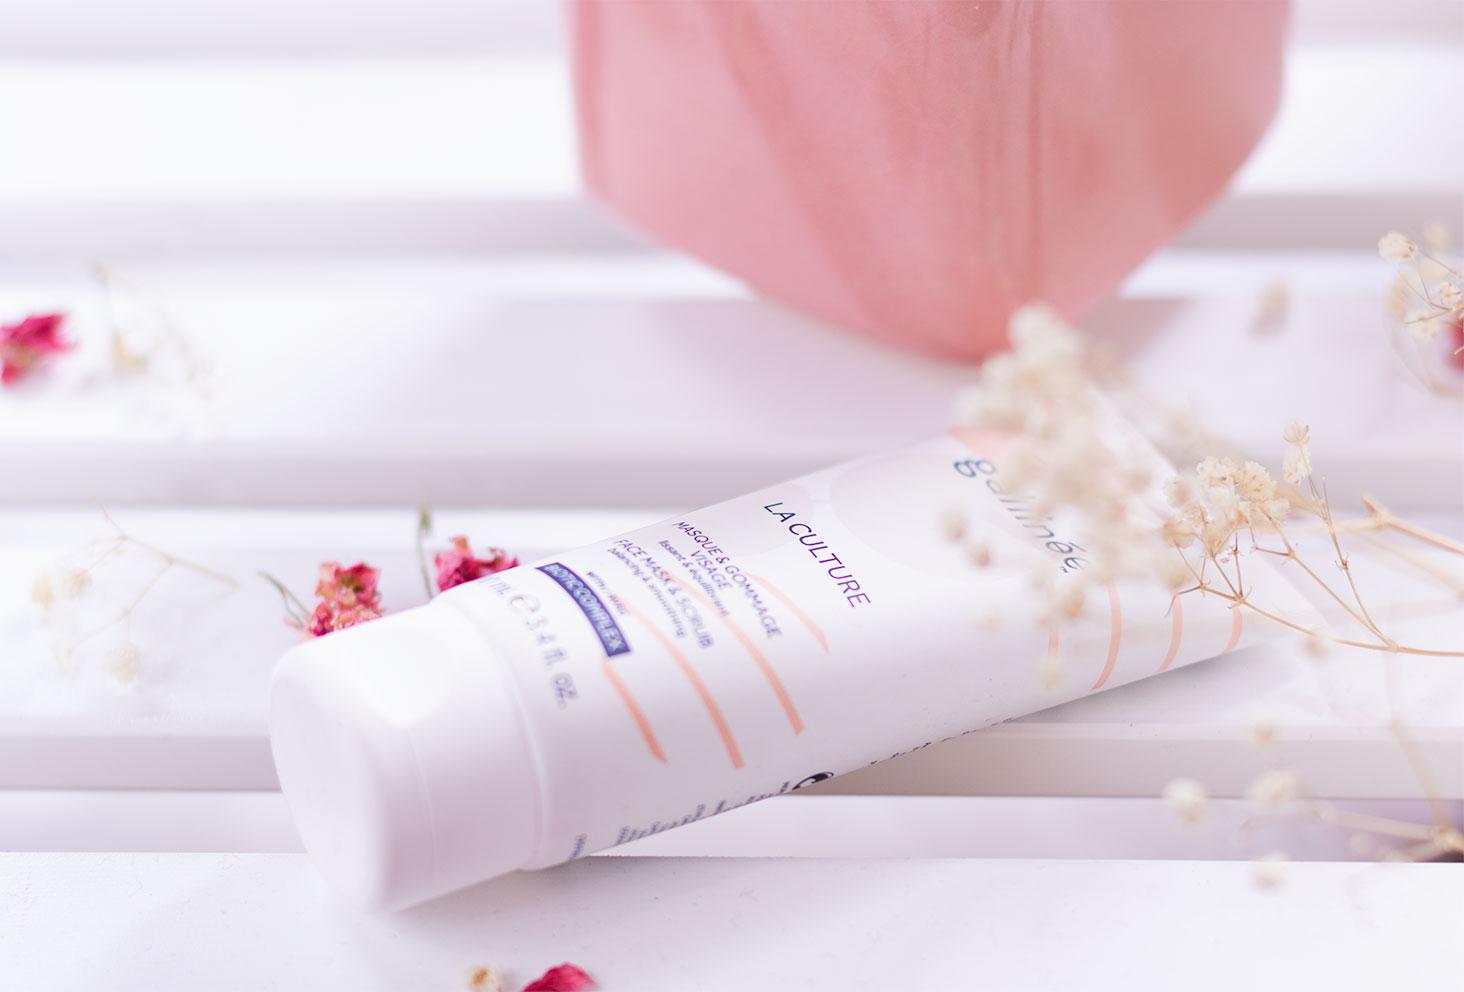 Zoom sur le masque & gommage La Culture de Gallinée, posé sur une étagère blanche au milieu des fleurs sèches roses et blanches